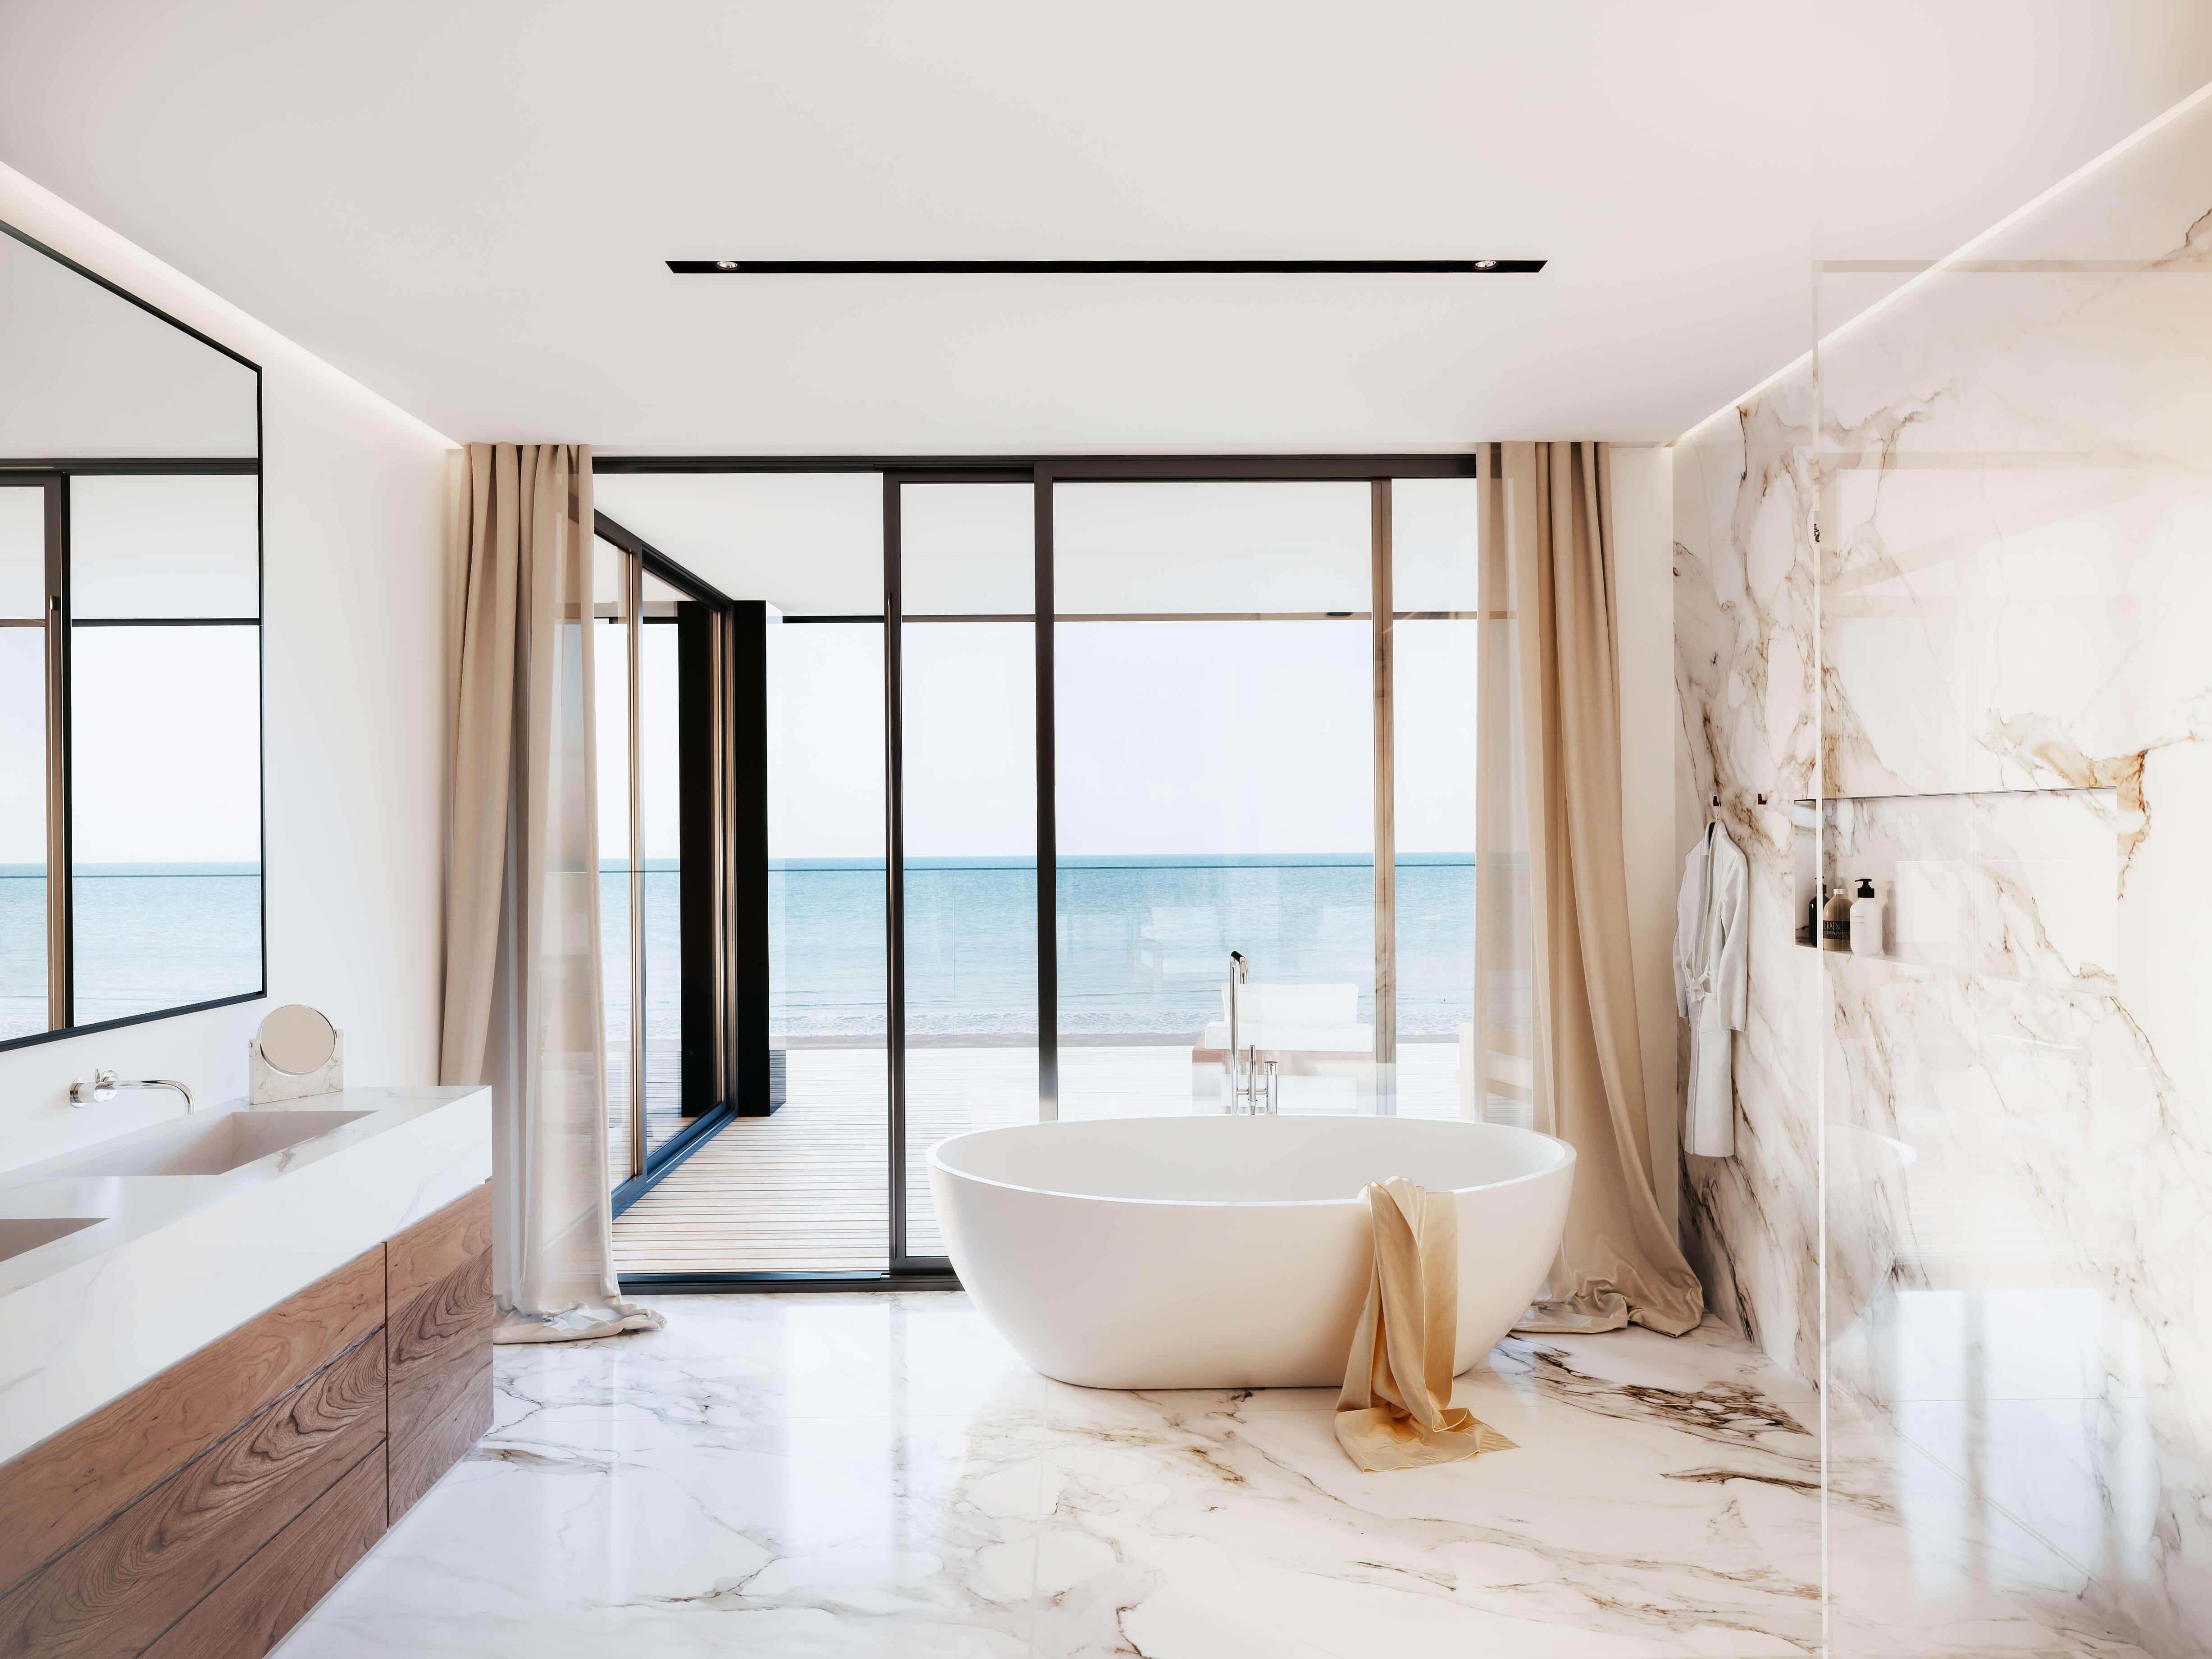 Prachtig afgewerkte badkamer. De focus ligt op het uitzicht aan de zee. Voor de grote glaspartijen staat een ovaal vrijstaand bad met een handdoek netjes gedrapeerd over de leuning. Ramen hebben een zwart profiel en zowel de rechter muur als vloer hebben een marmeren look. Straalt elegantie uit met een warm gevoel.